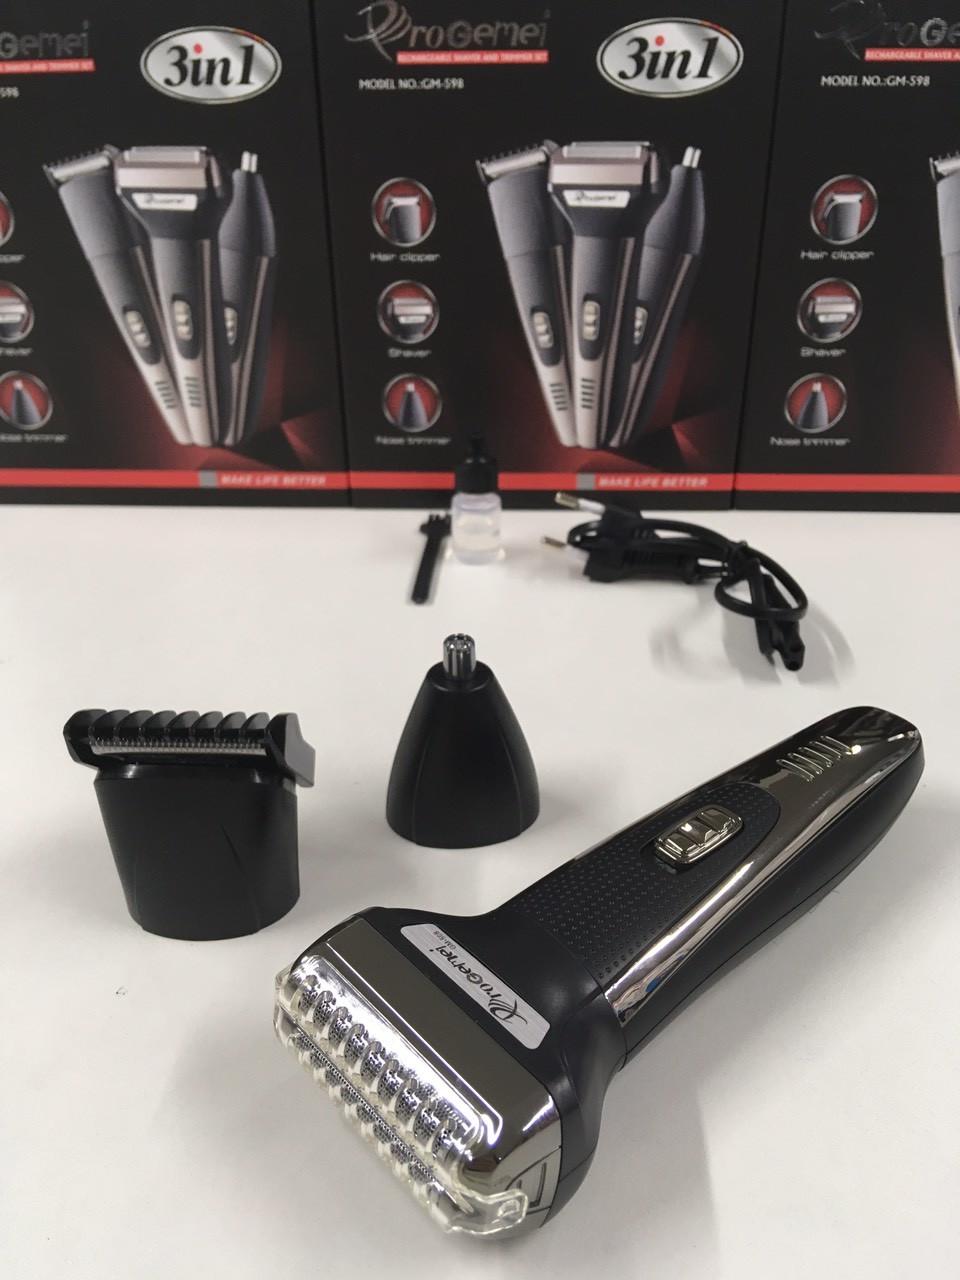 Машинка для стрижки волос+Бритва Триммер 3 in 1 GM-598 (60 шт)